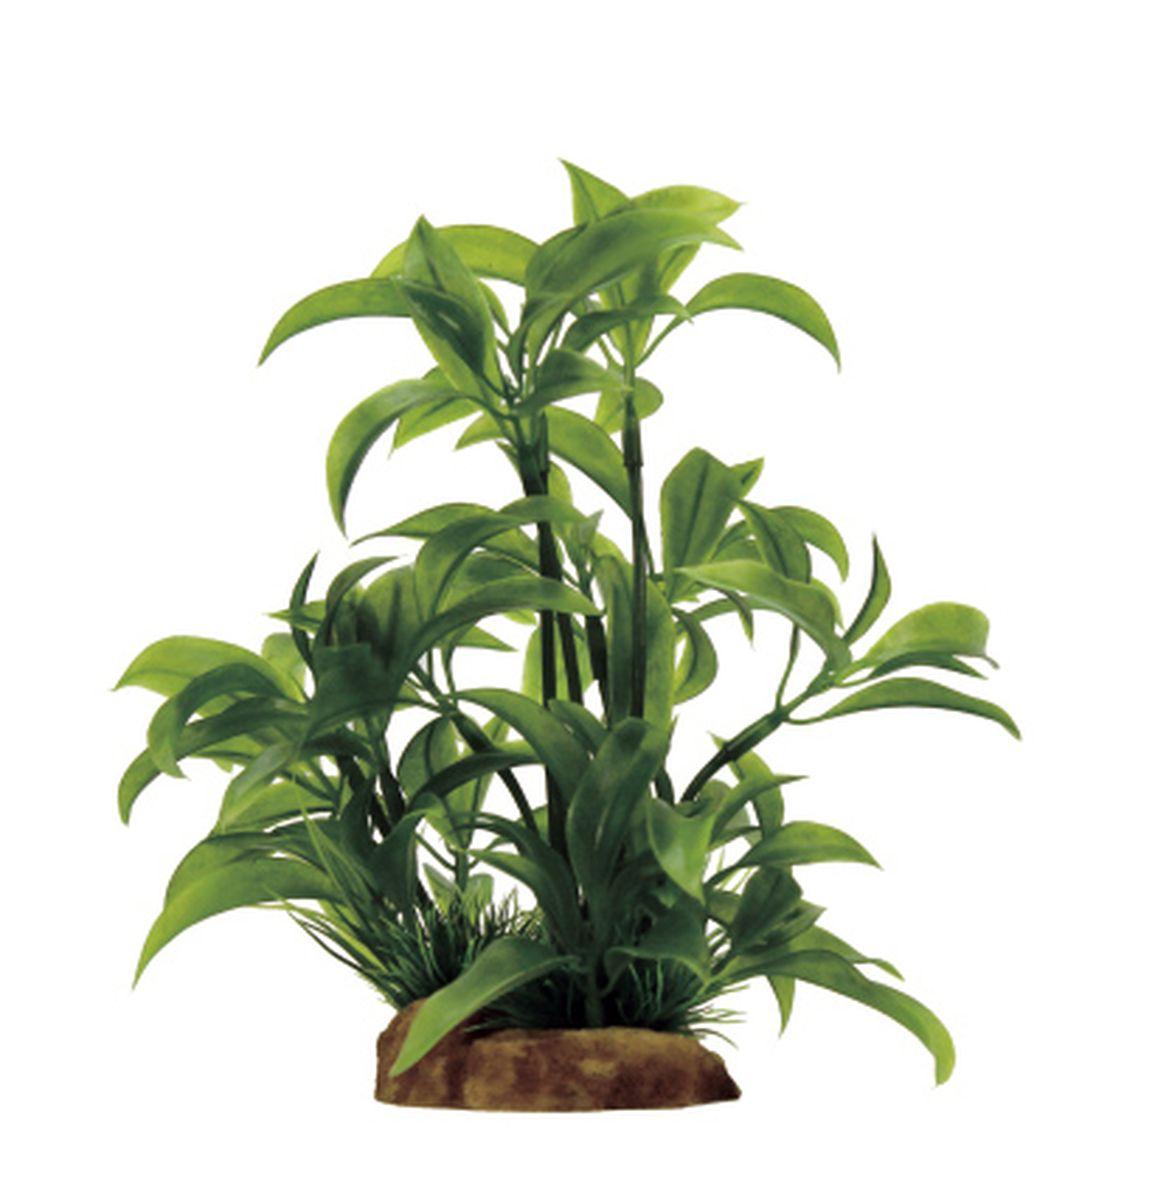 Растение для аквариума ArtUniq Альтернантера бетзикиана, 8 x 7 x 14 смART-1130909Композиция из искусственных растений ArtUniq превосходно украсит и оживит аквариум.Растения - это важная часть любой композиции, они помогут вдохнуть жизнь в ландшафт любого аквариума или террариума. А их сходствос природными порадует даже самых взыскательных ценителей.